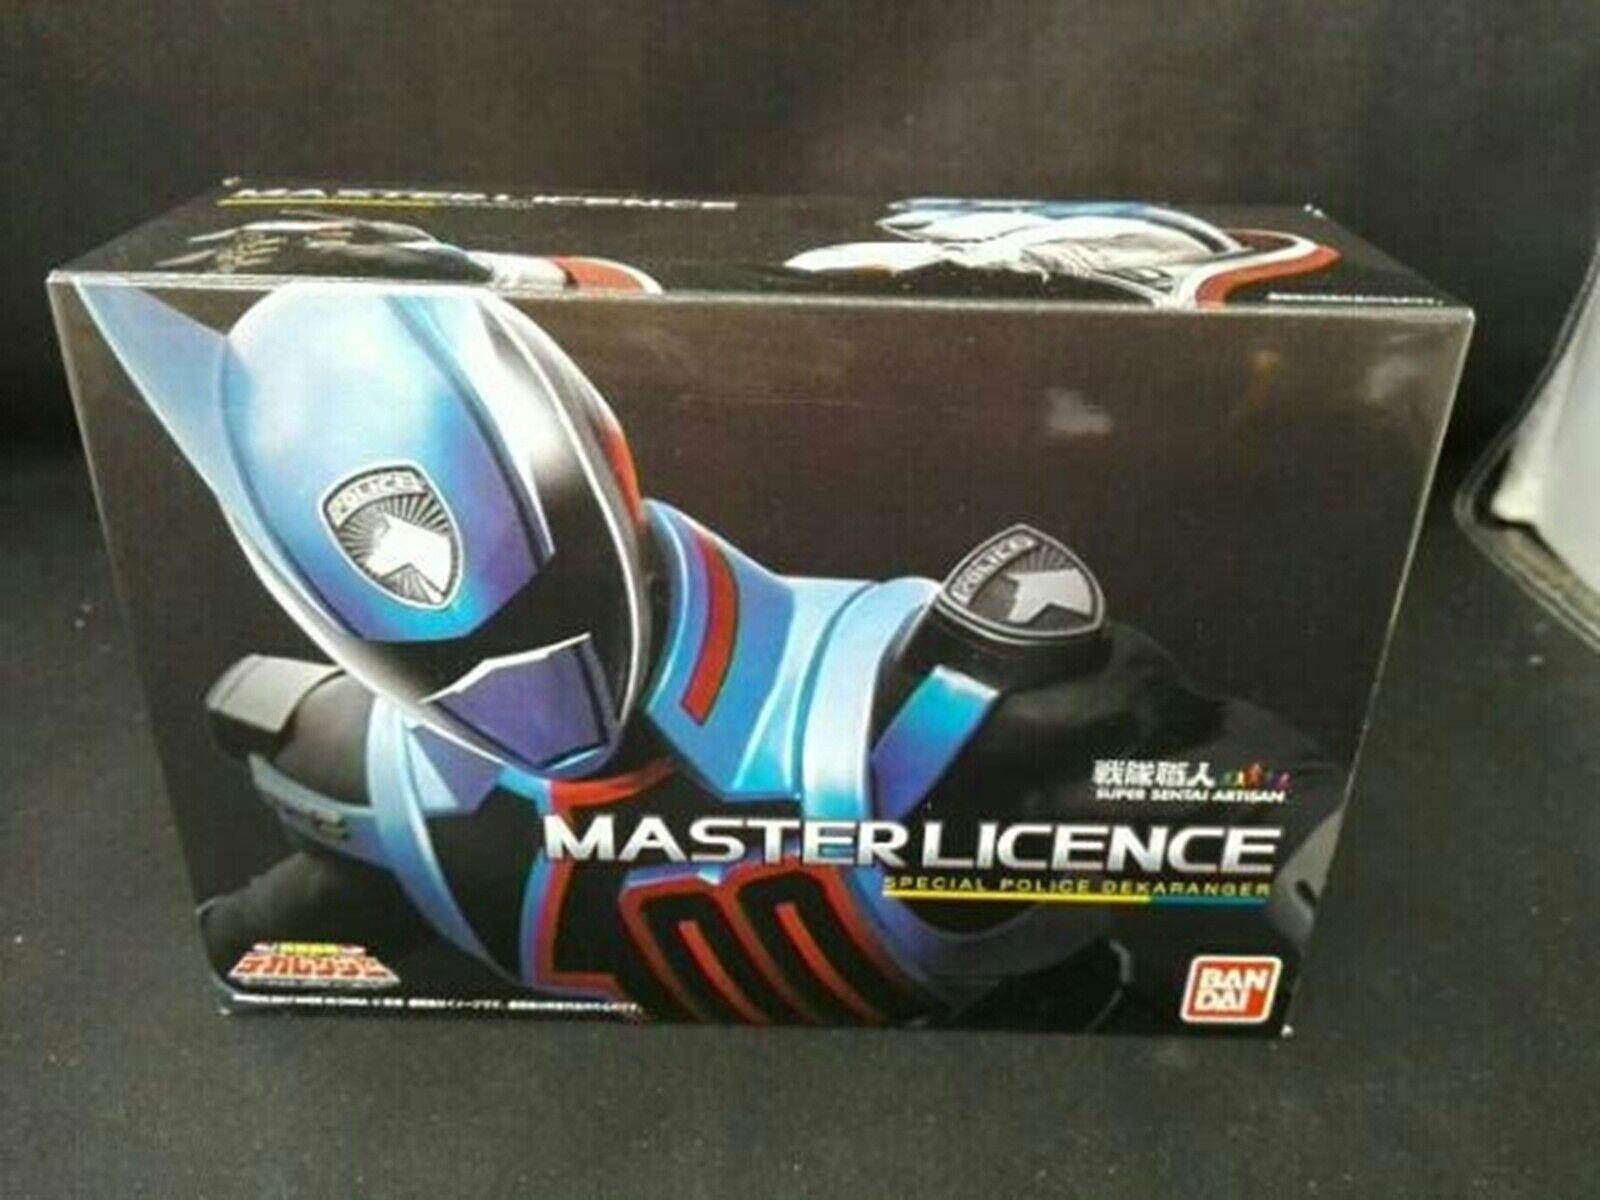 productos creativos Power Rangers Dekaranger Master License teléfono teléfono teléfono Sentai-syokunin Versión Japón  descuento de ventas